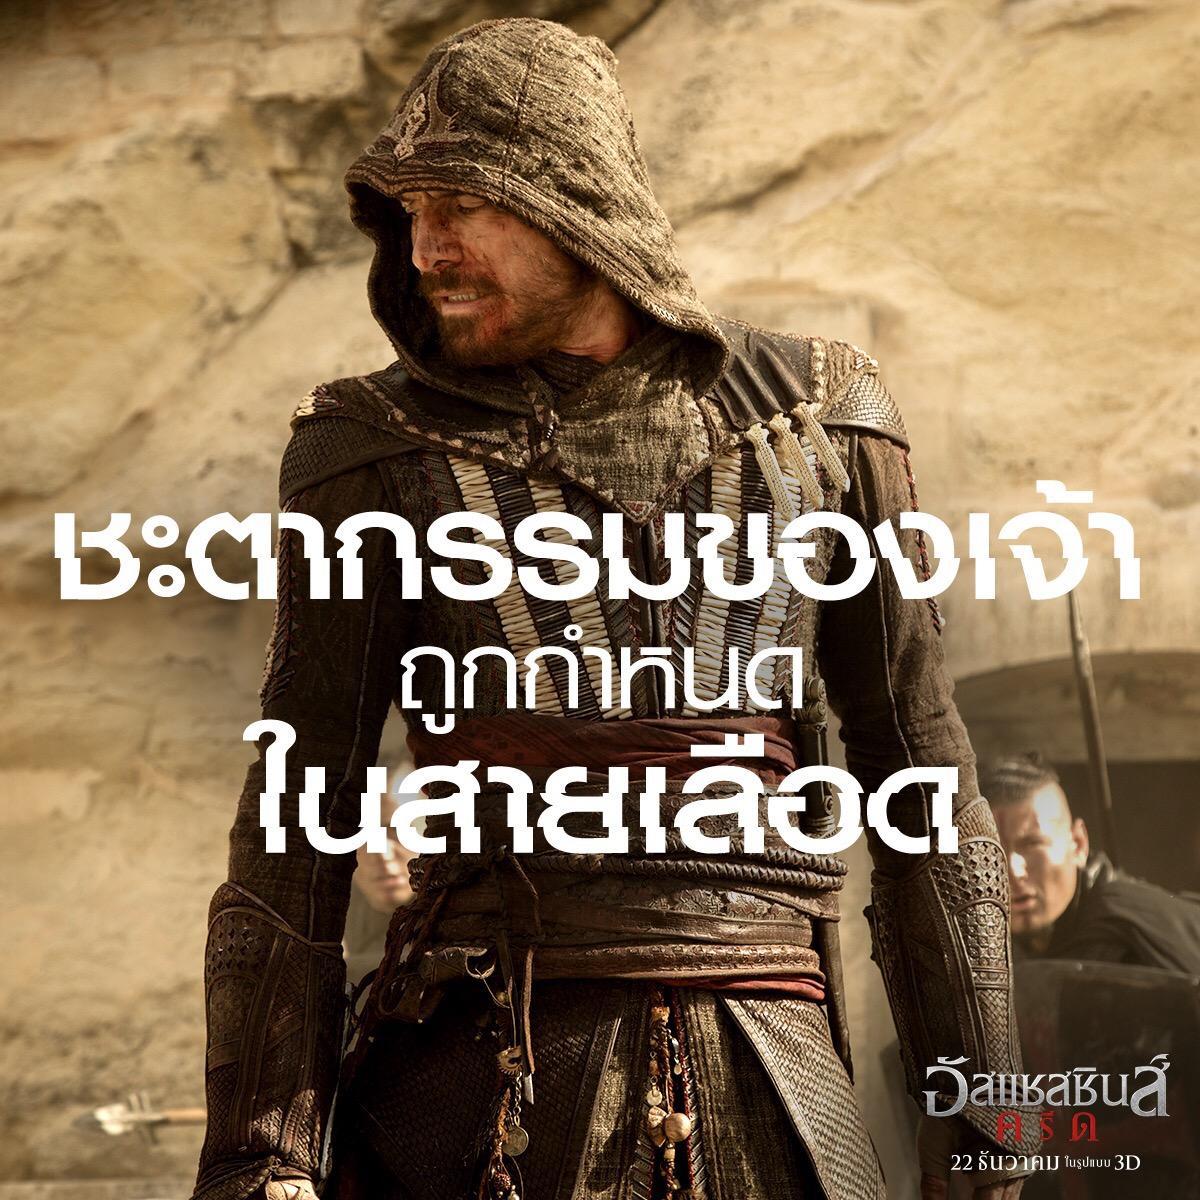 เมื่อต้องเลือกข้าง สงครามก็เริ่มต้นในคลิปมาใหม่ Assassin's Creed – อัสแซสซินส์ ครีดเข้าฉาย 22 ธันวาคมนี้ในโรงภาพยนตร์